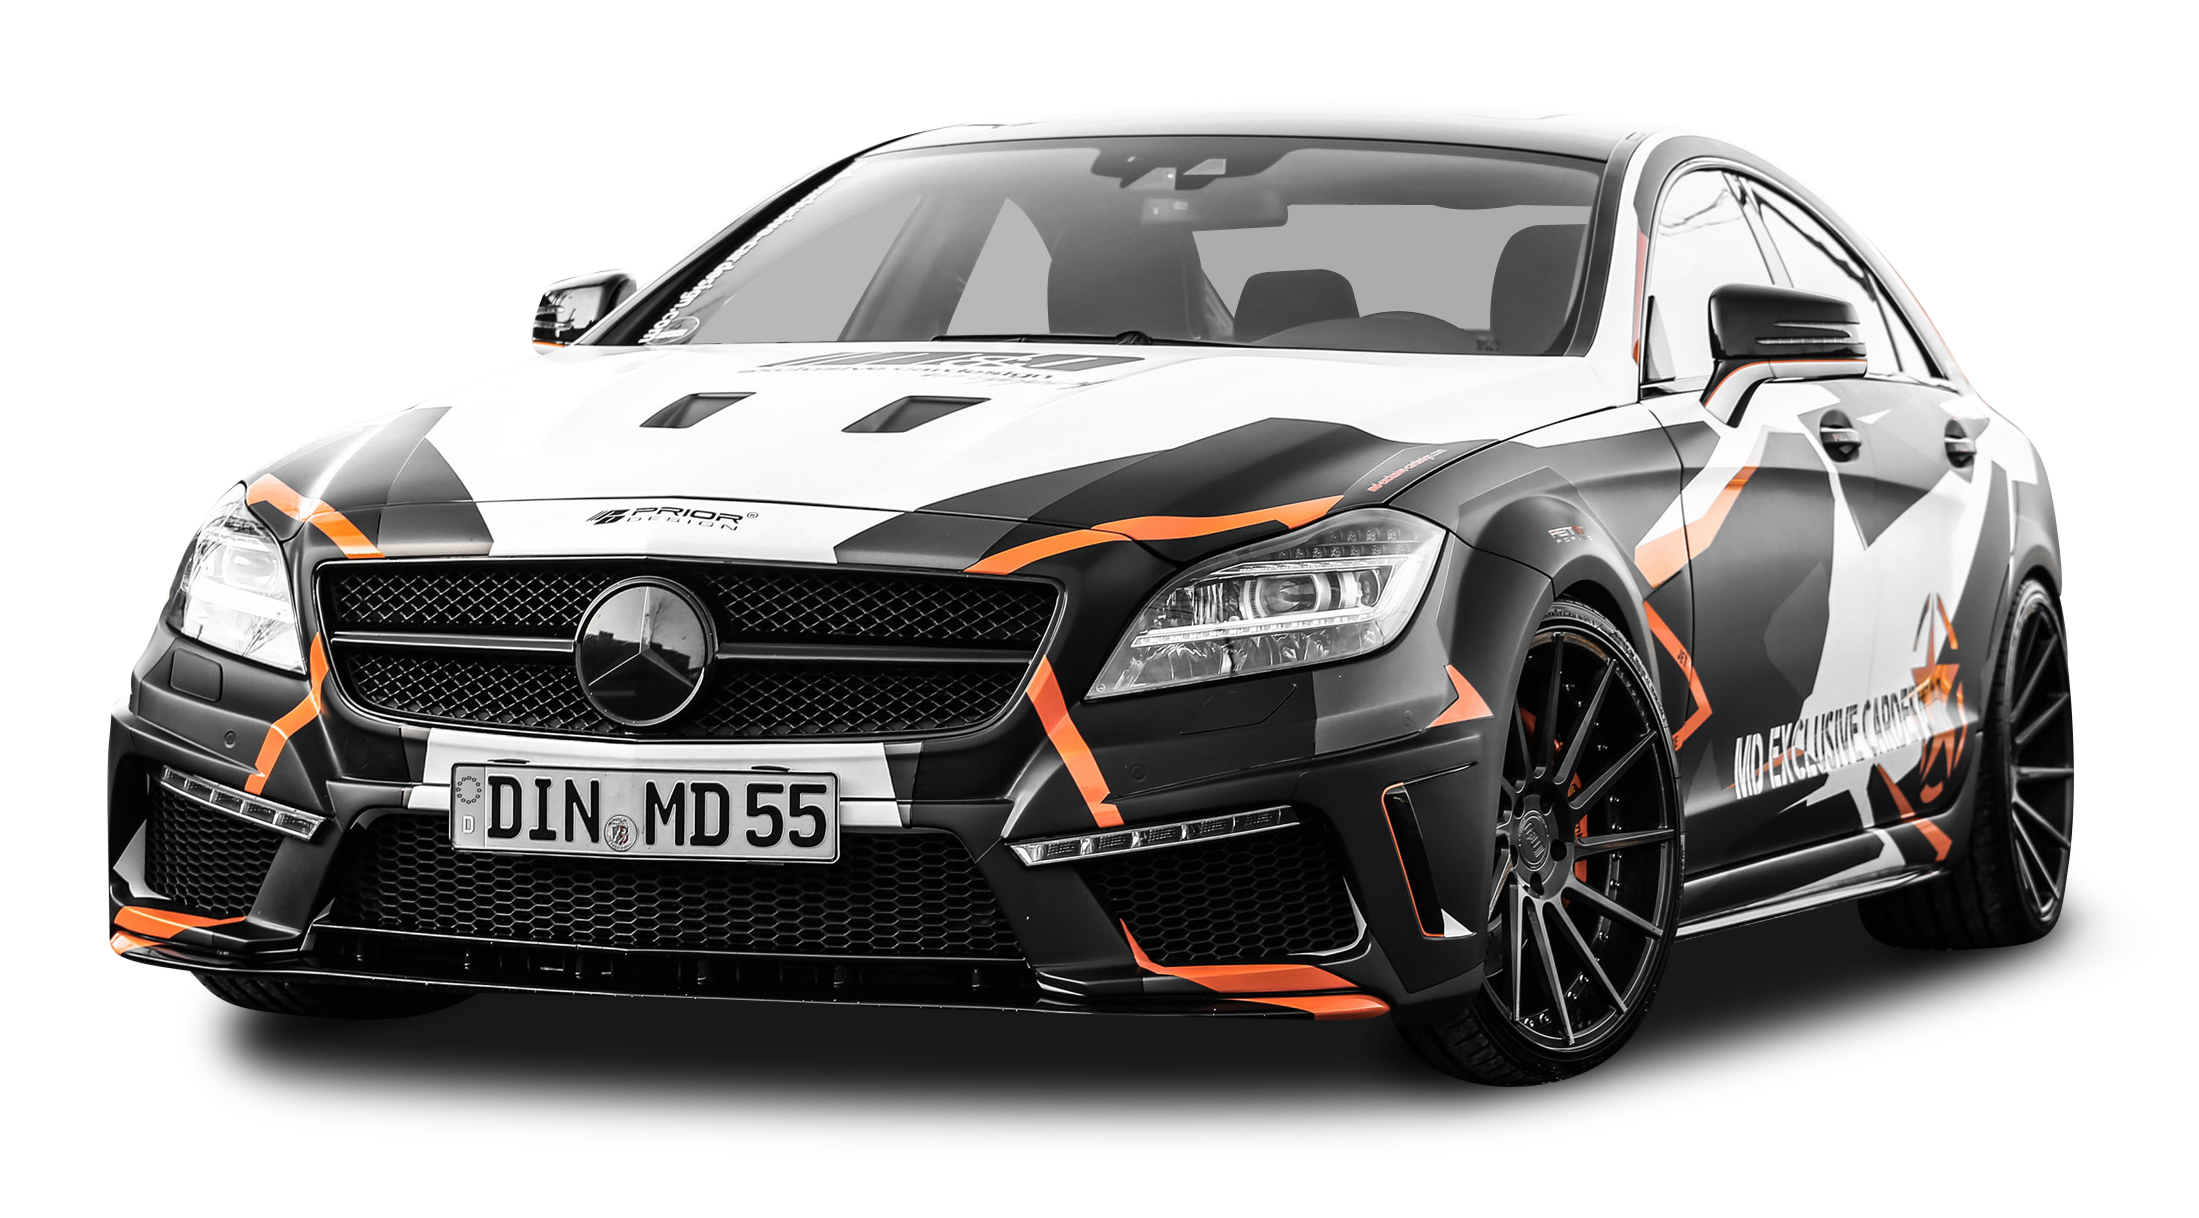 Mercedes Benz CLS 500 Black Car PNG Image